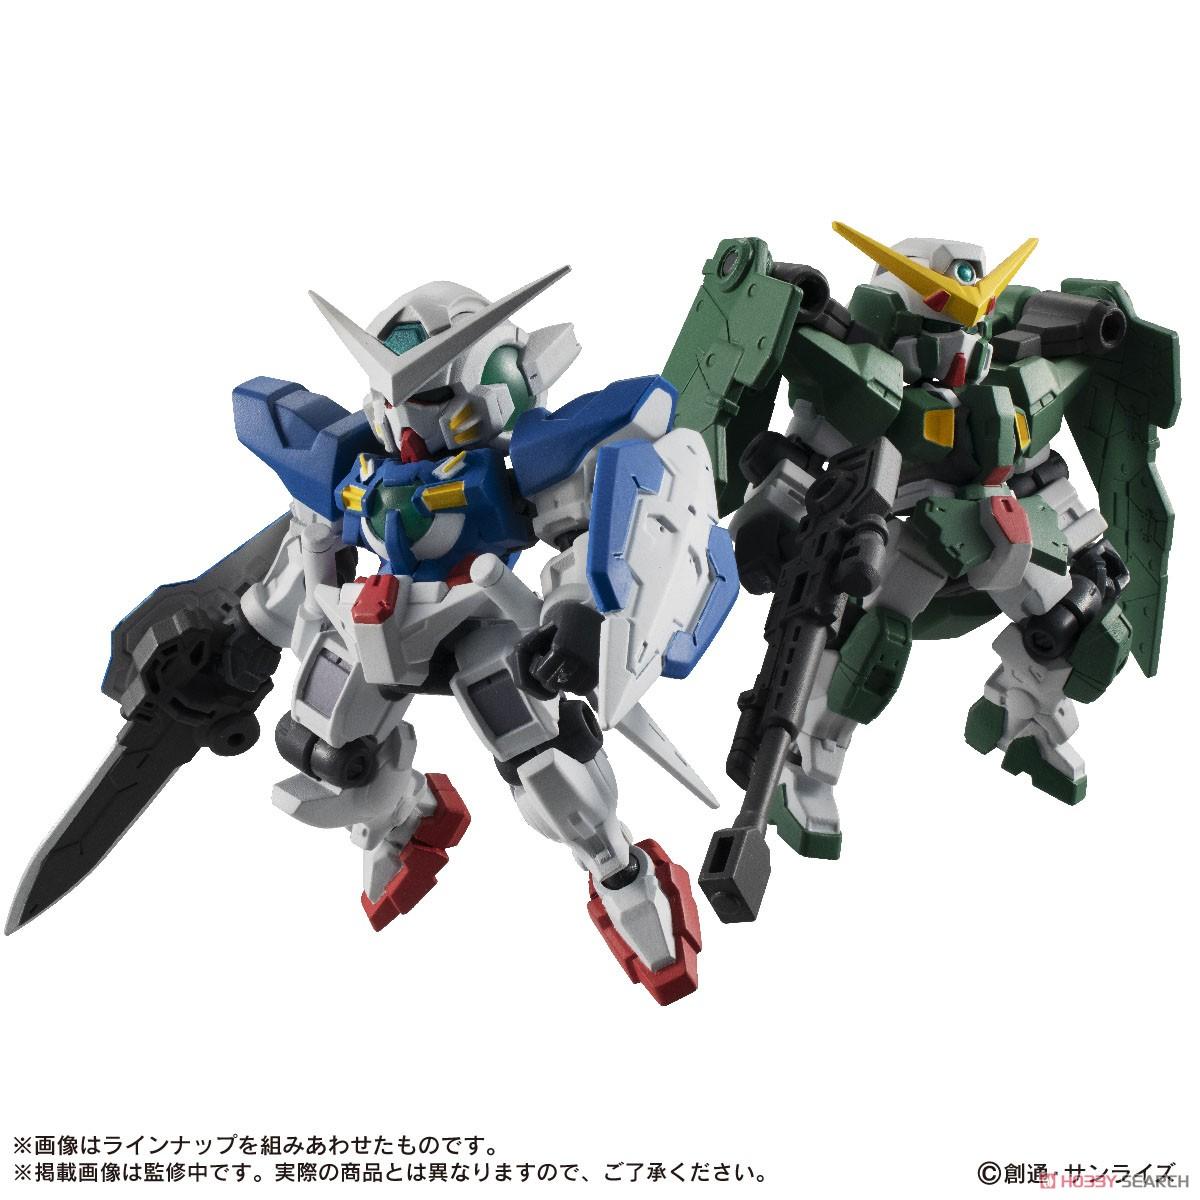 機動戦士ガンダム『MOBILE SUIT ENSEMBLE15』デフォルメフィギュア 10個入りBOX-009